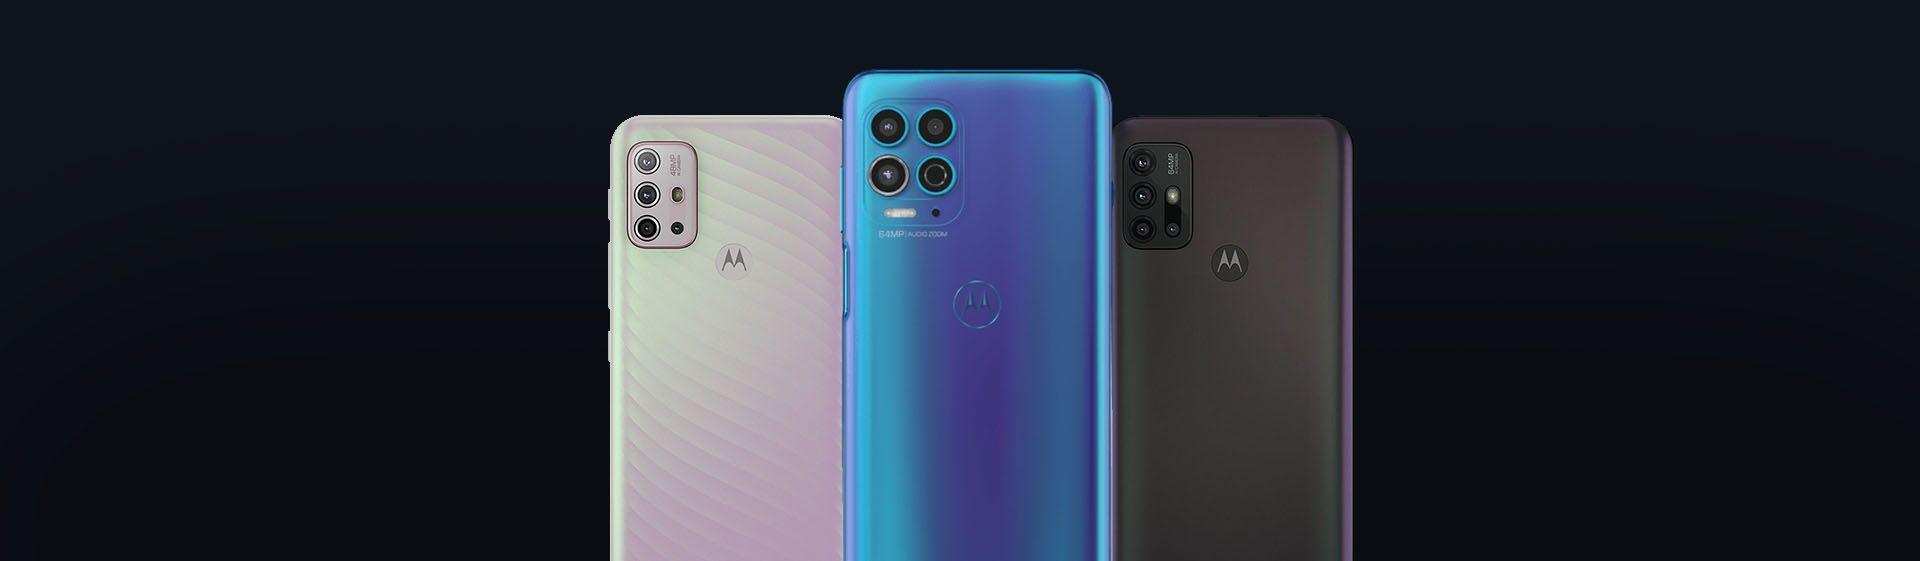 Moto G: as melhores opções da linha da Motorola para comprar